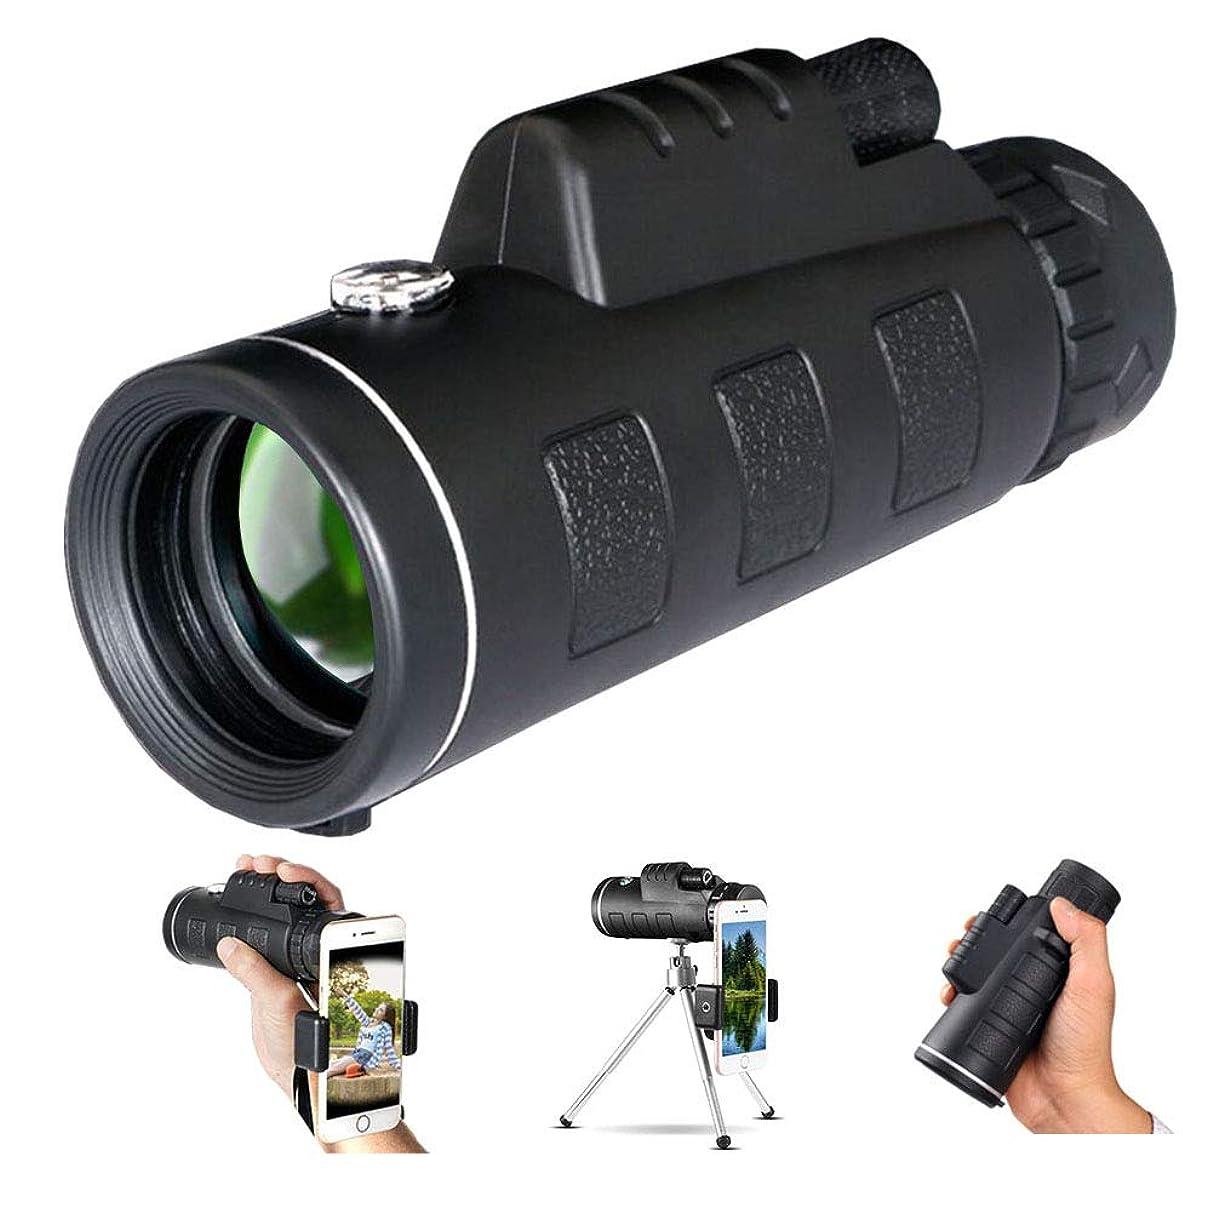 名前を作る引き渡すエンターテインメントSibio 単眼鏡12×55 スマホクリップ式 12倍 単筒望遠鏡 ズーム望遠レンズ 三脚付き 防水 防塵 登山コンサート携帯型